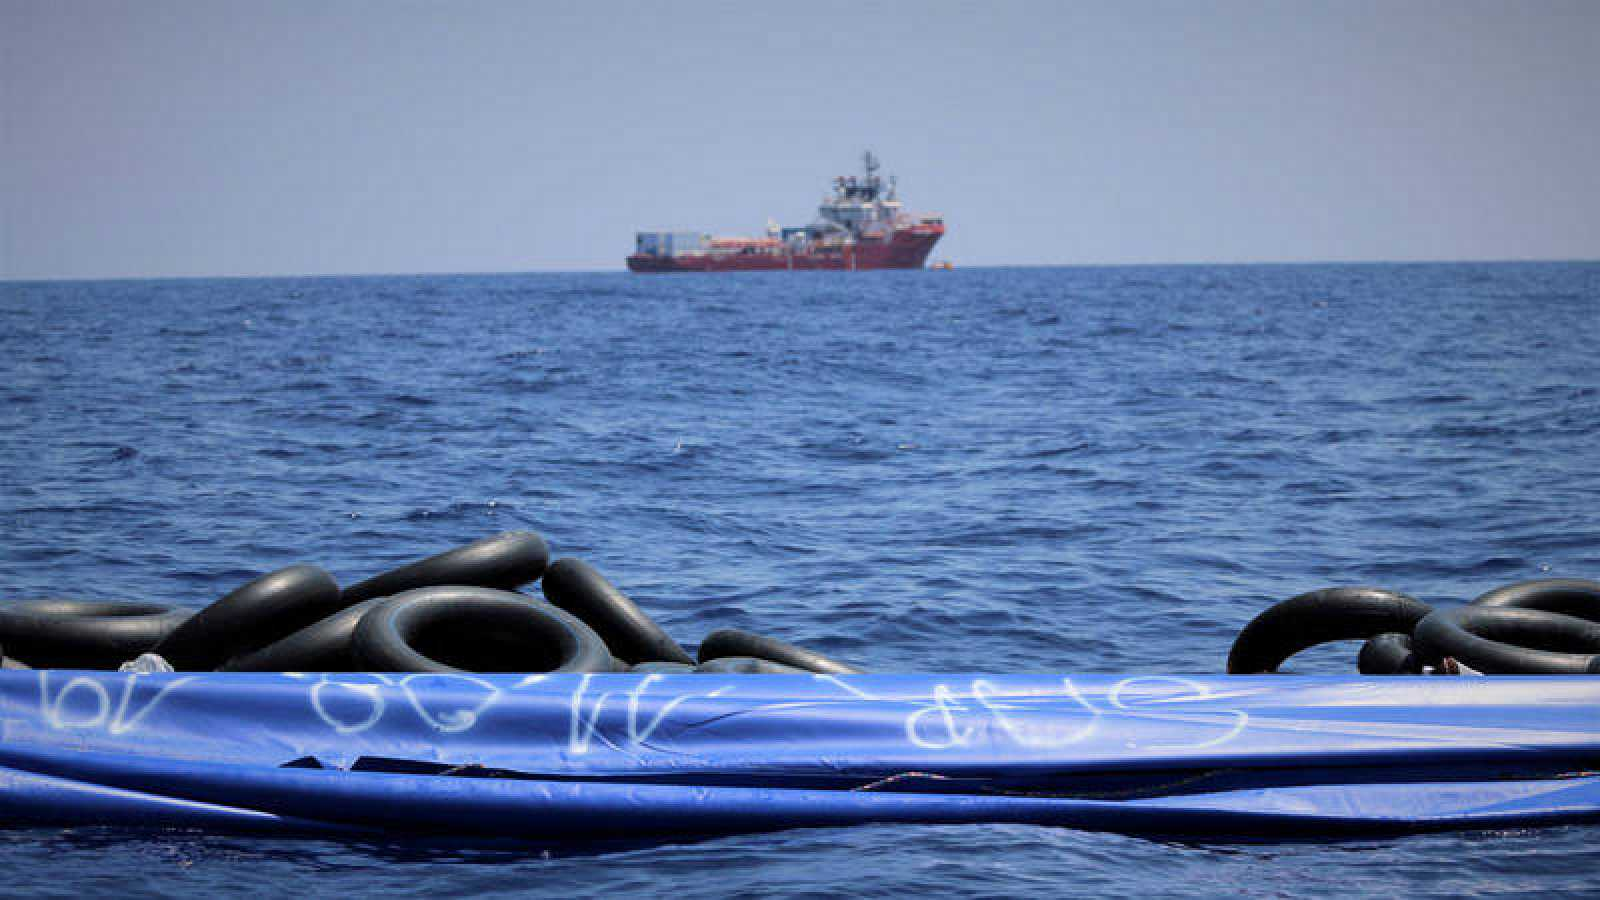 Una patera vacía flota en el Mediterráneo con el Ocean Viking en el horizonte